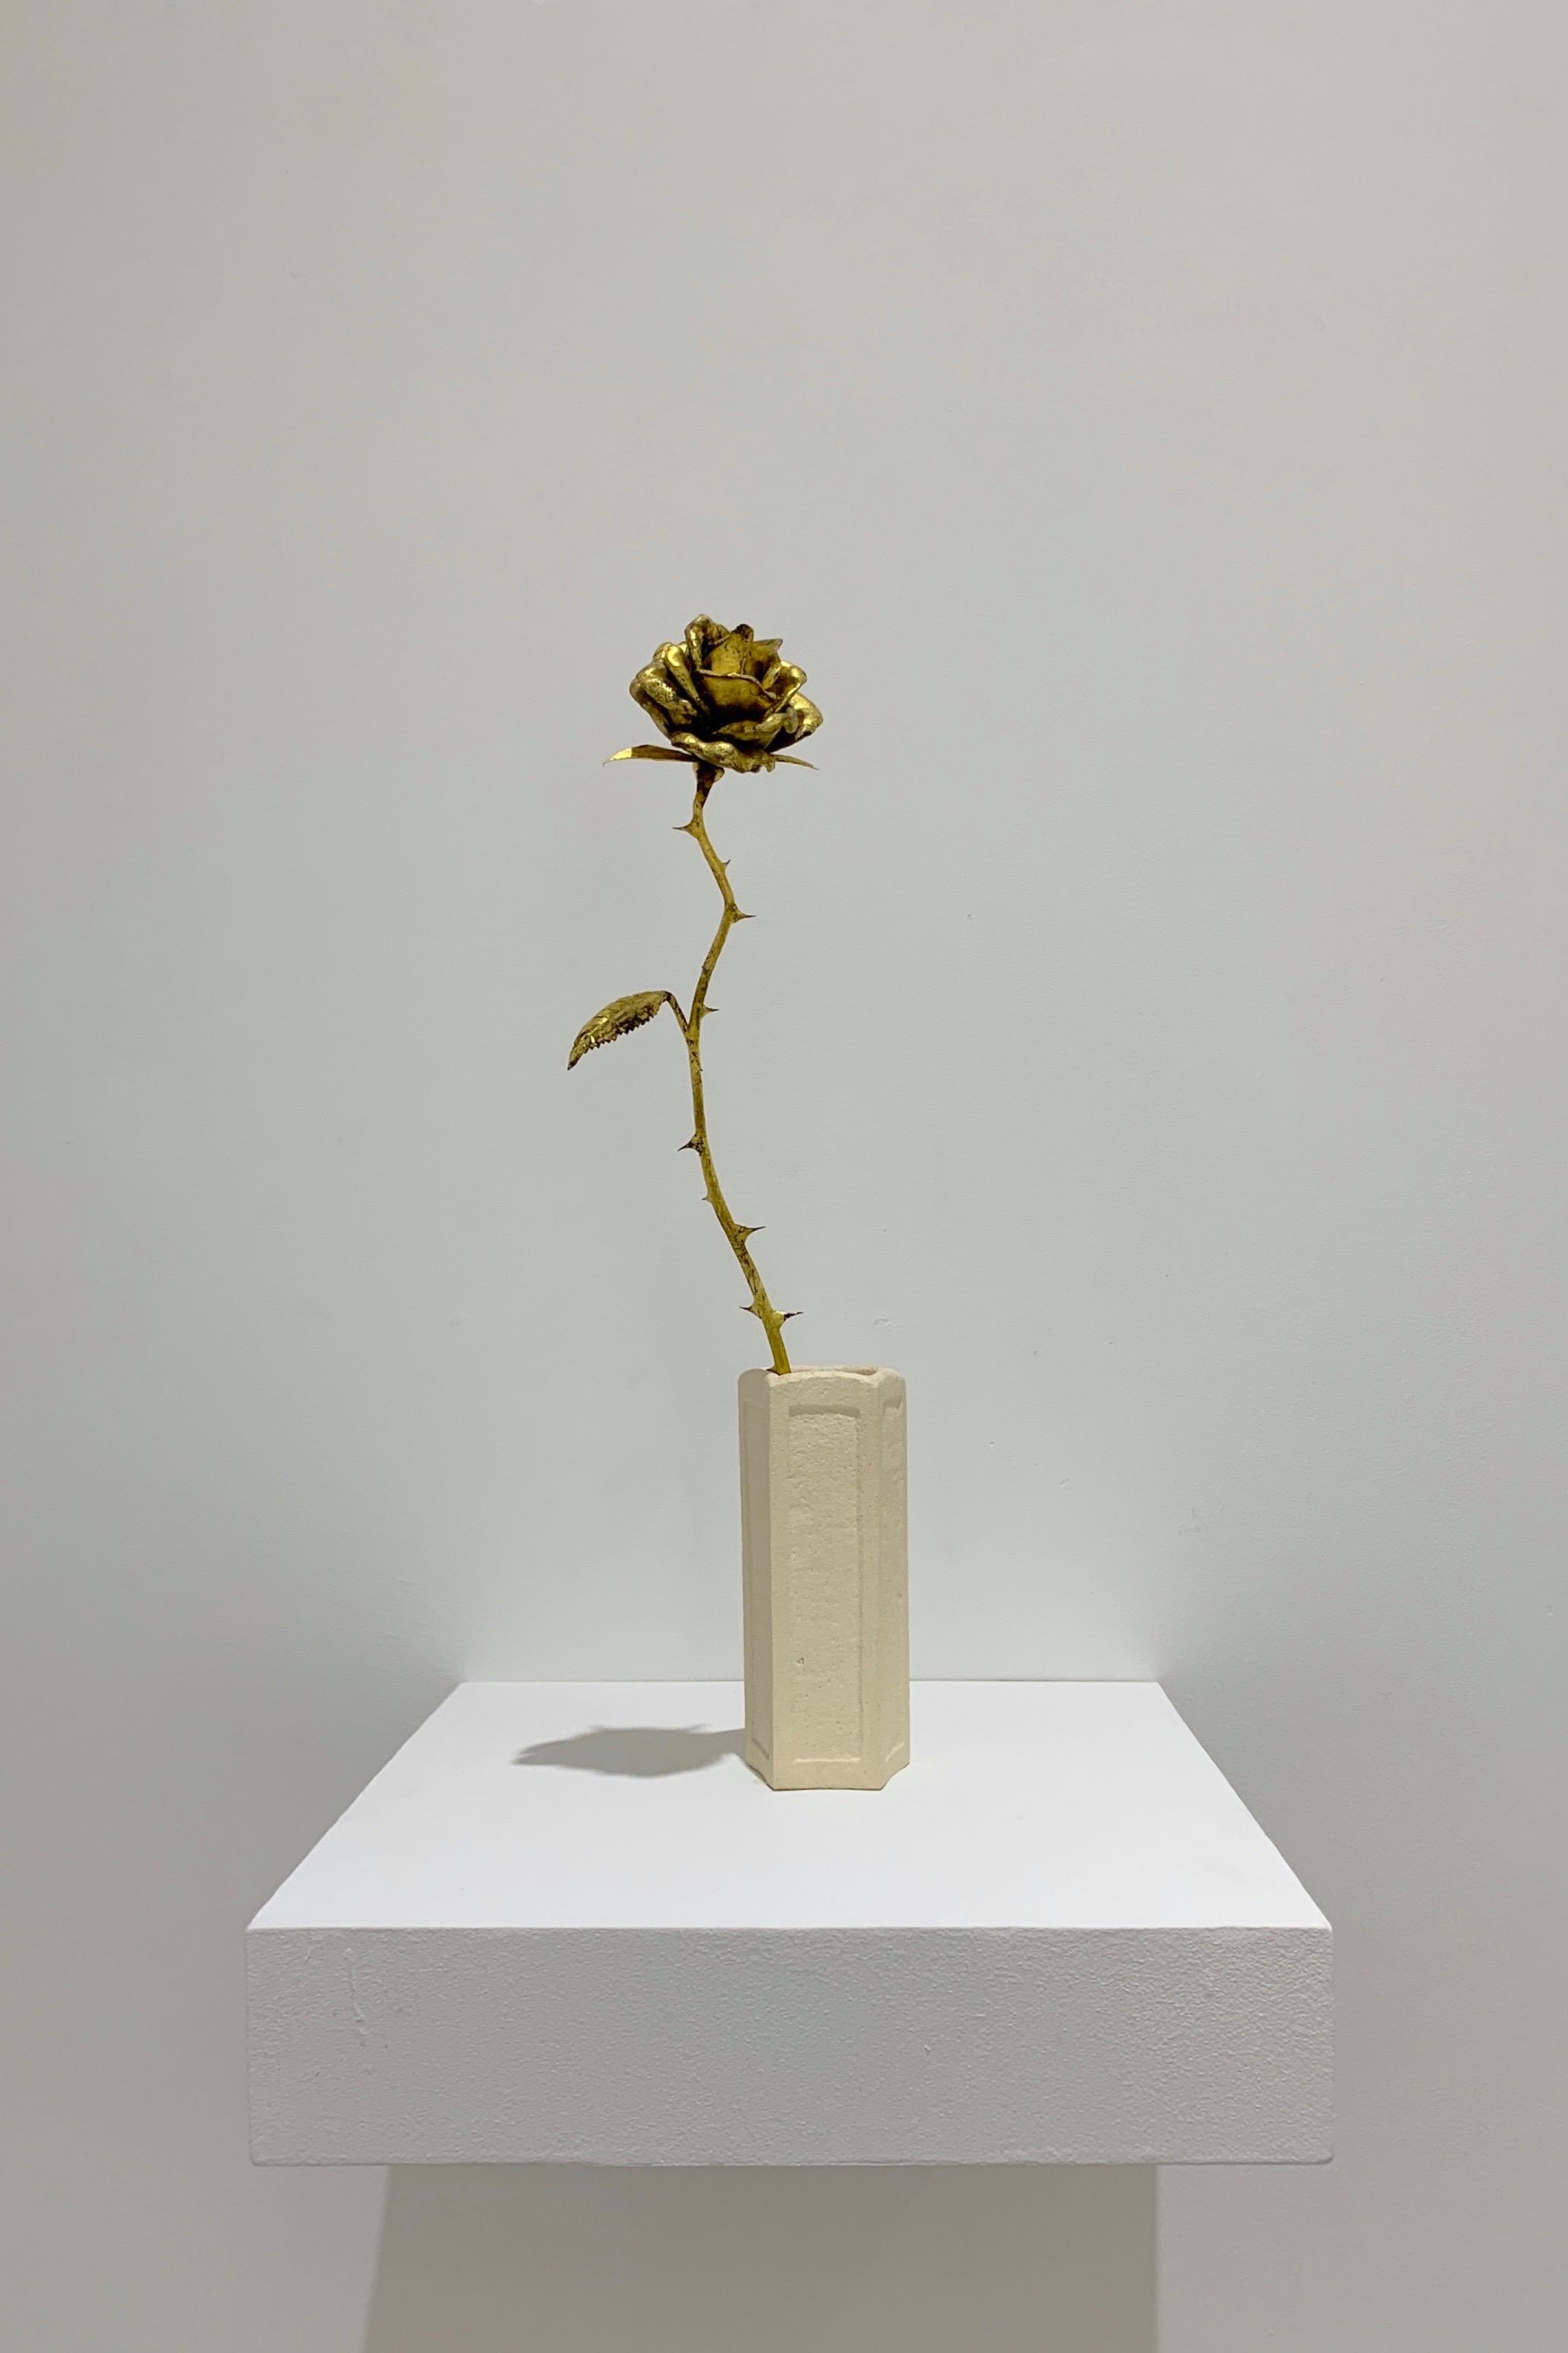 《花と花瓶_2》Flower and Vase_2